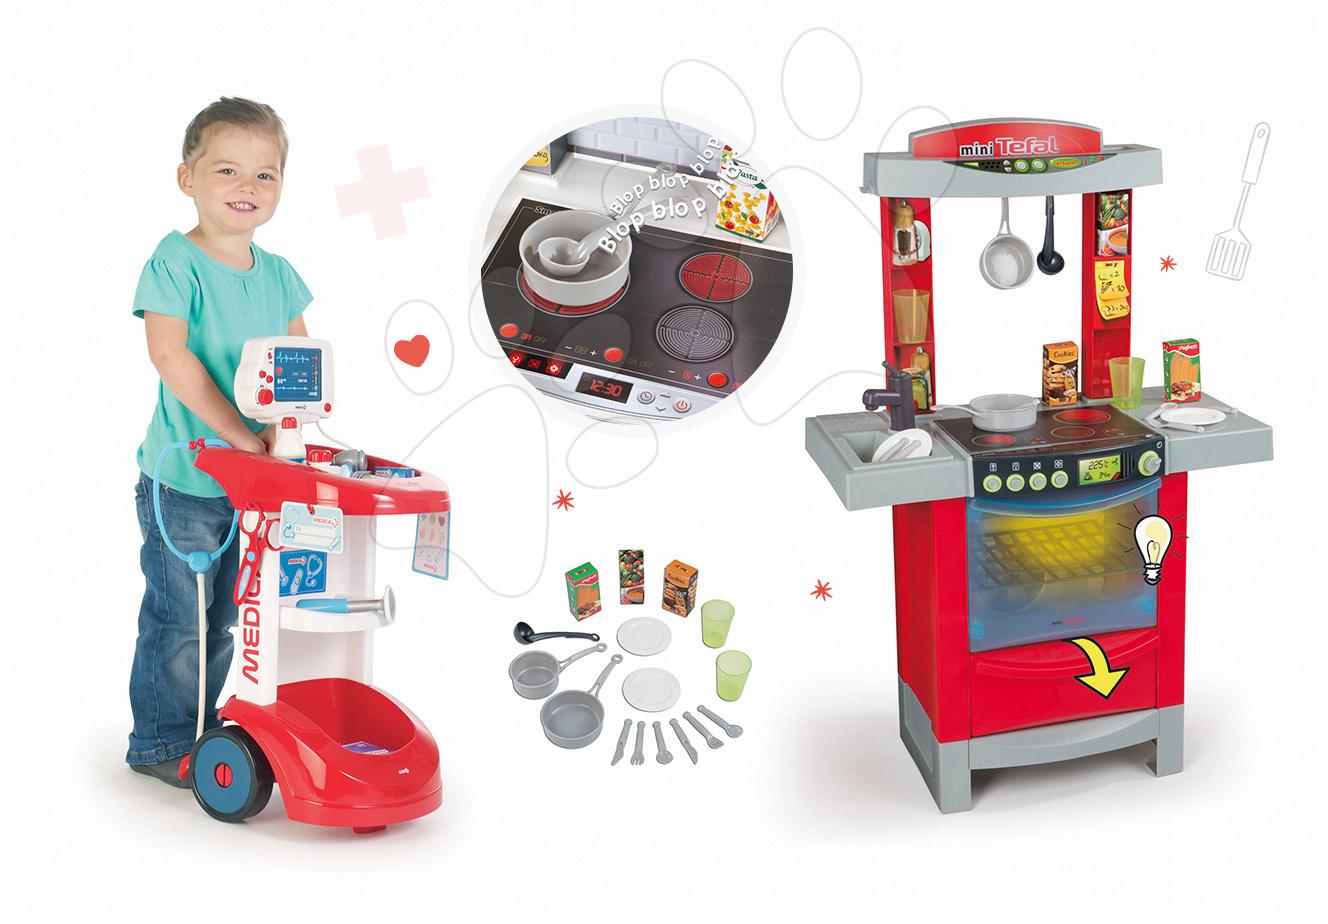 Lekárske vozíky sety - Set lekársky vozík Smoby zvukový s tlakomerom a elektronická kuchynka Cook'Tronic Tefal so zvukmi a svetlom